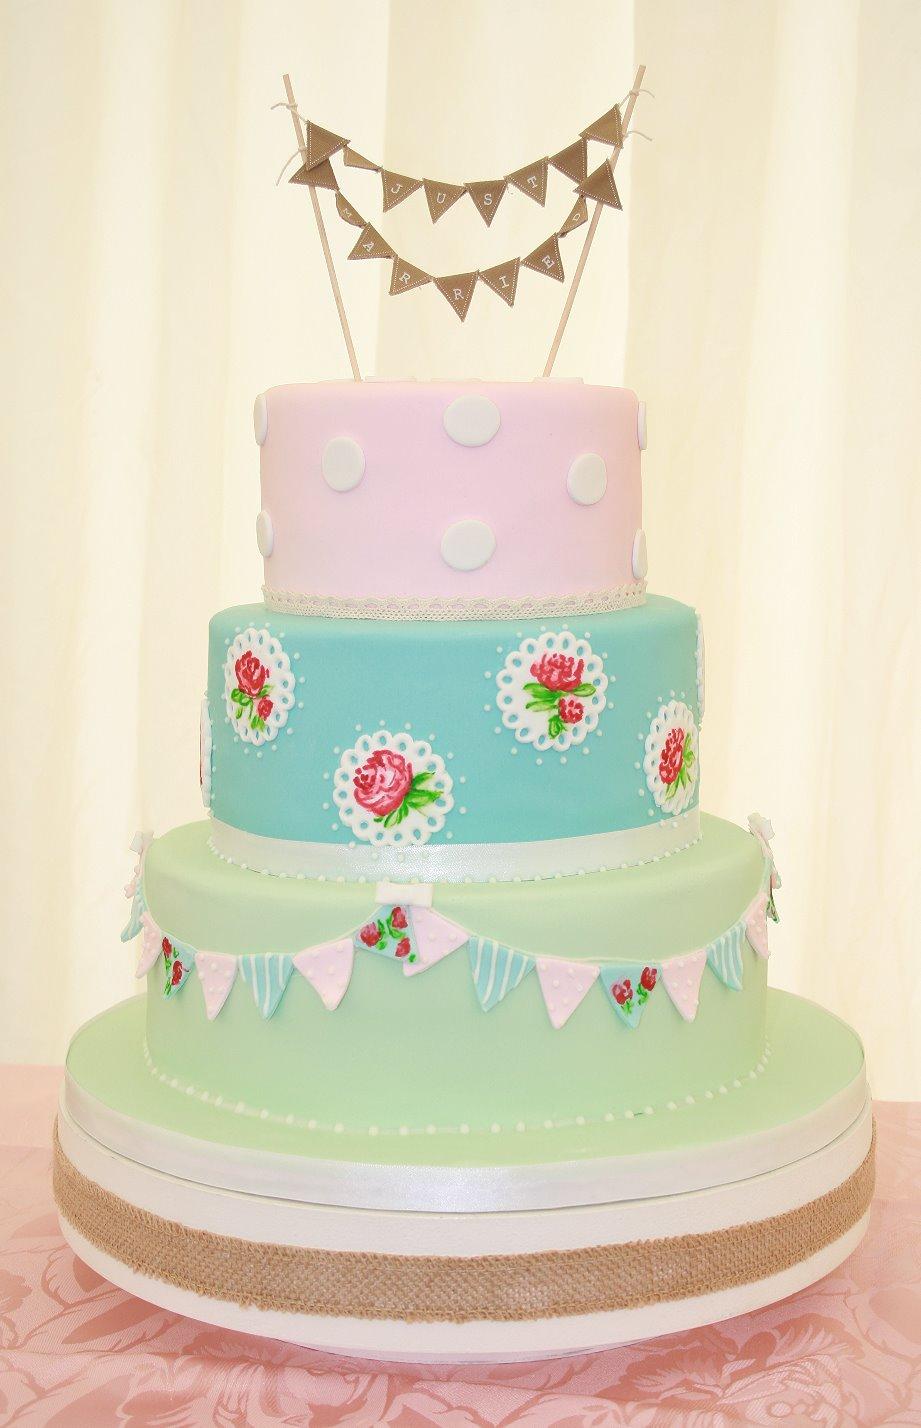 Vintage Cath Kidston Wedding Cake